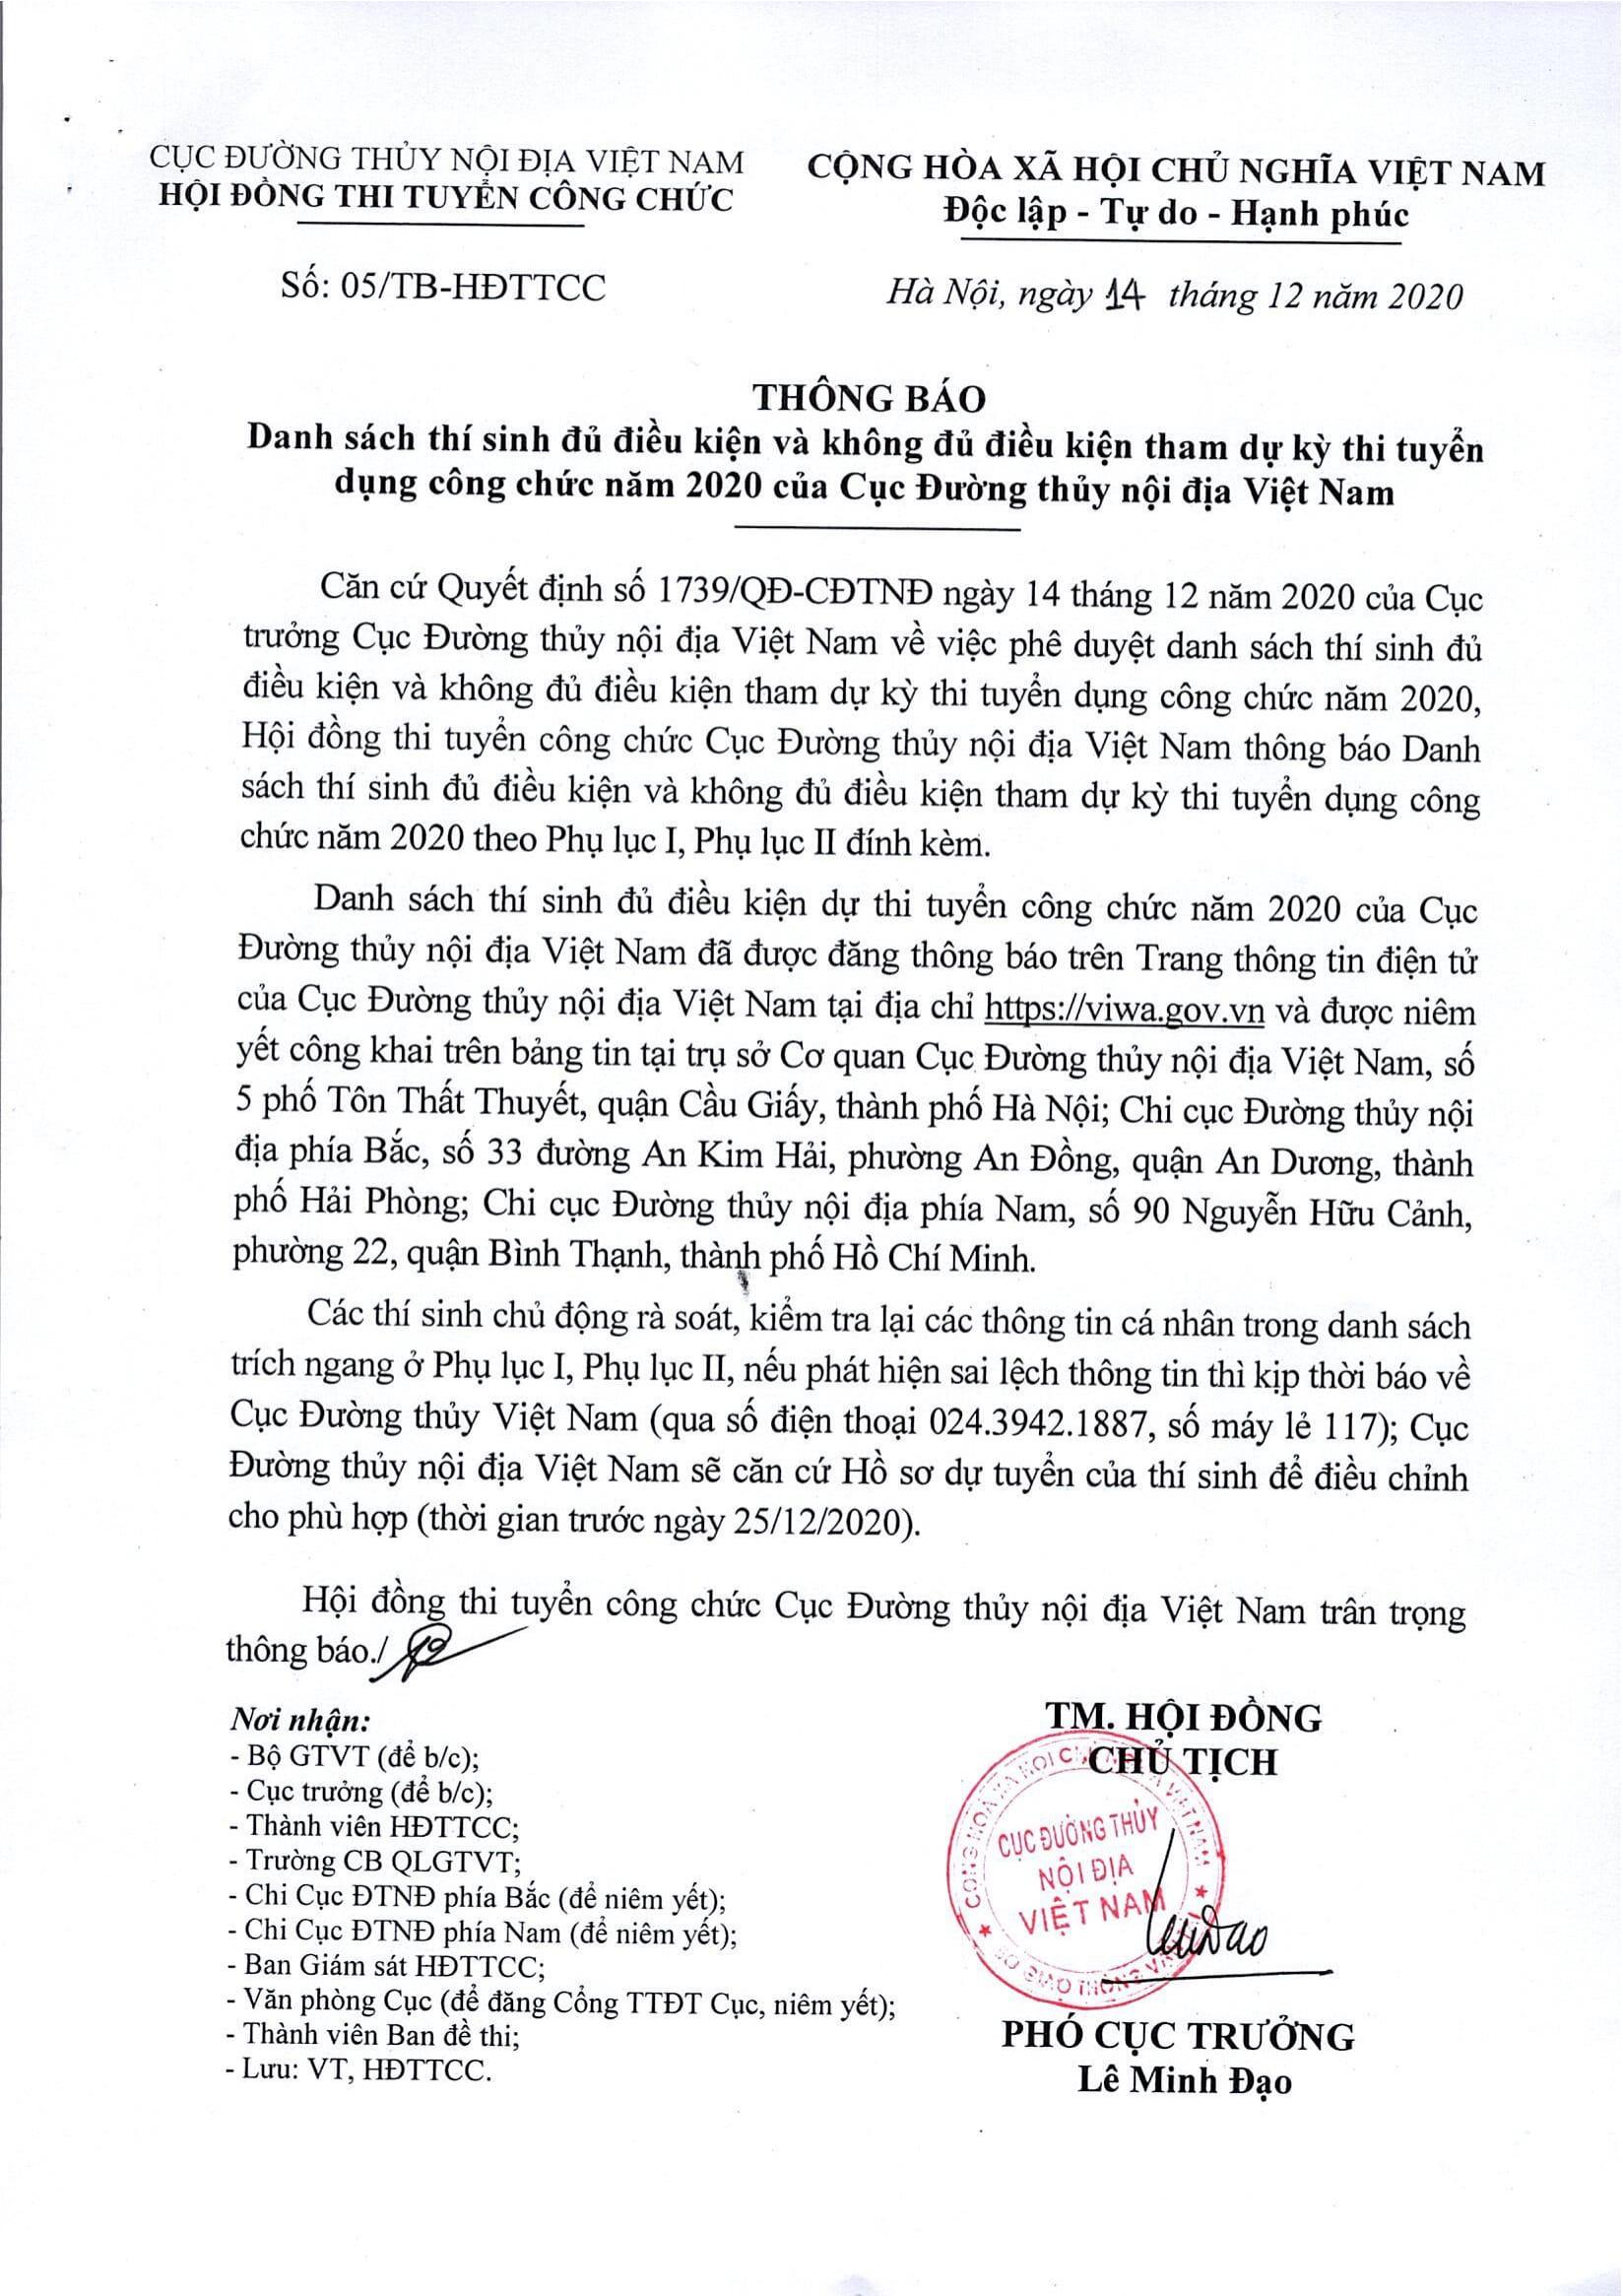 THÔNG BÁO: Danh sách thí sinh đủ điều kiện và không đủ điều kiện tham dự kỳ thi tuyển dụng công chức năm 2020 của Cục Đường thủy nội địa Việt Nam